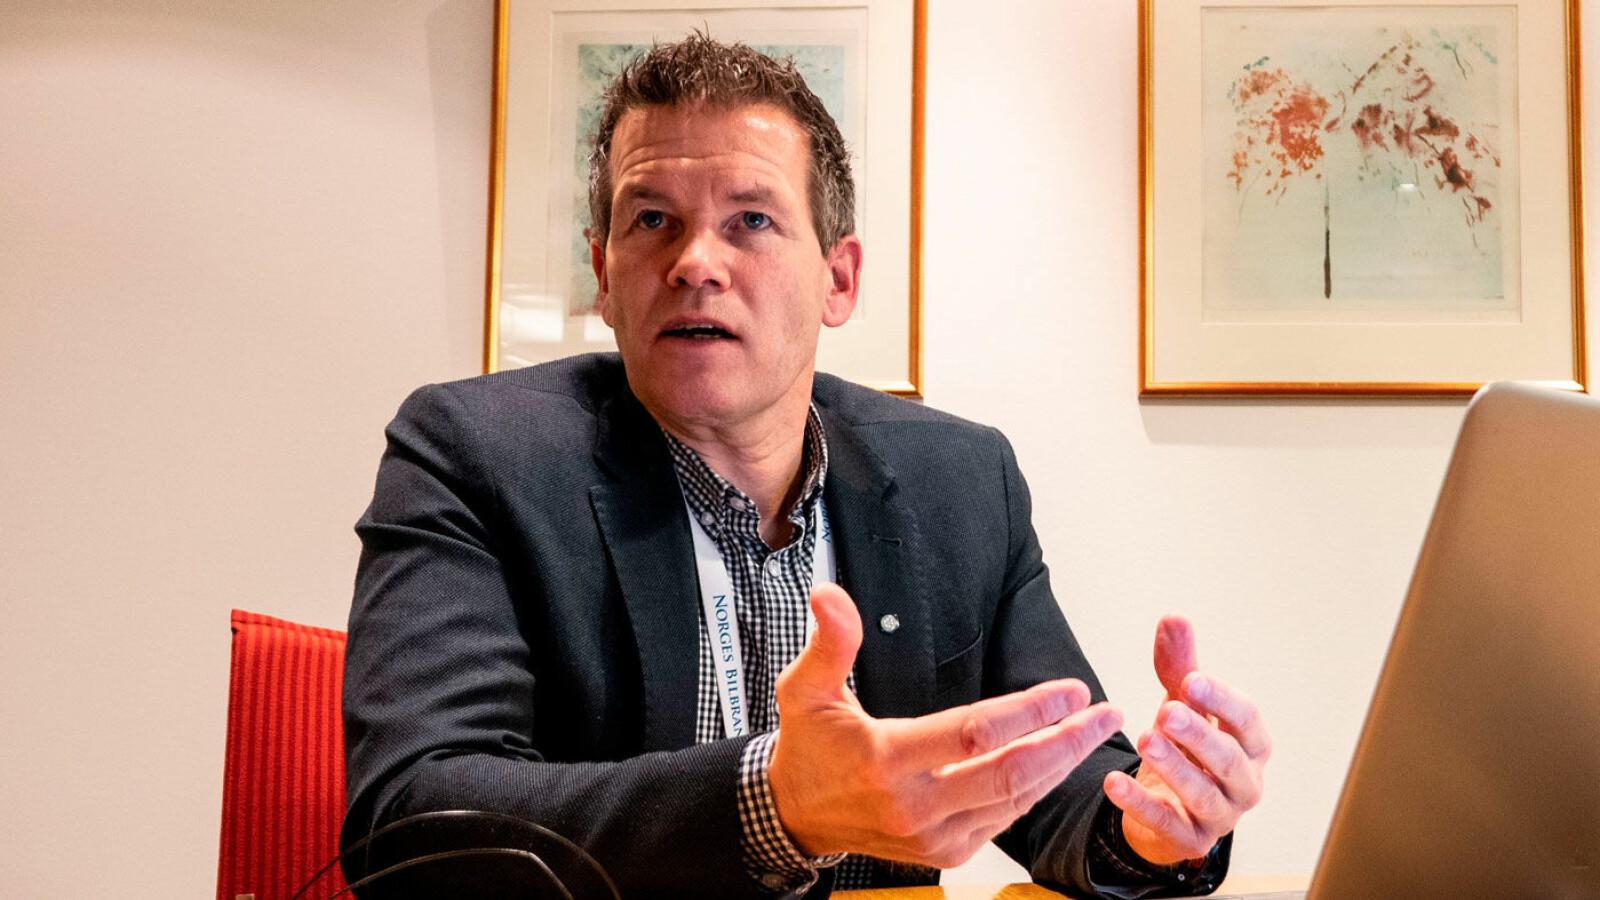 VIL HA BEVIS: –Å kjøpe en hvilken som helst innløst bil, det ville jeg aldri gjort! sier Tor Simonsen i Norges Bilbransjeforbund.